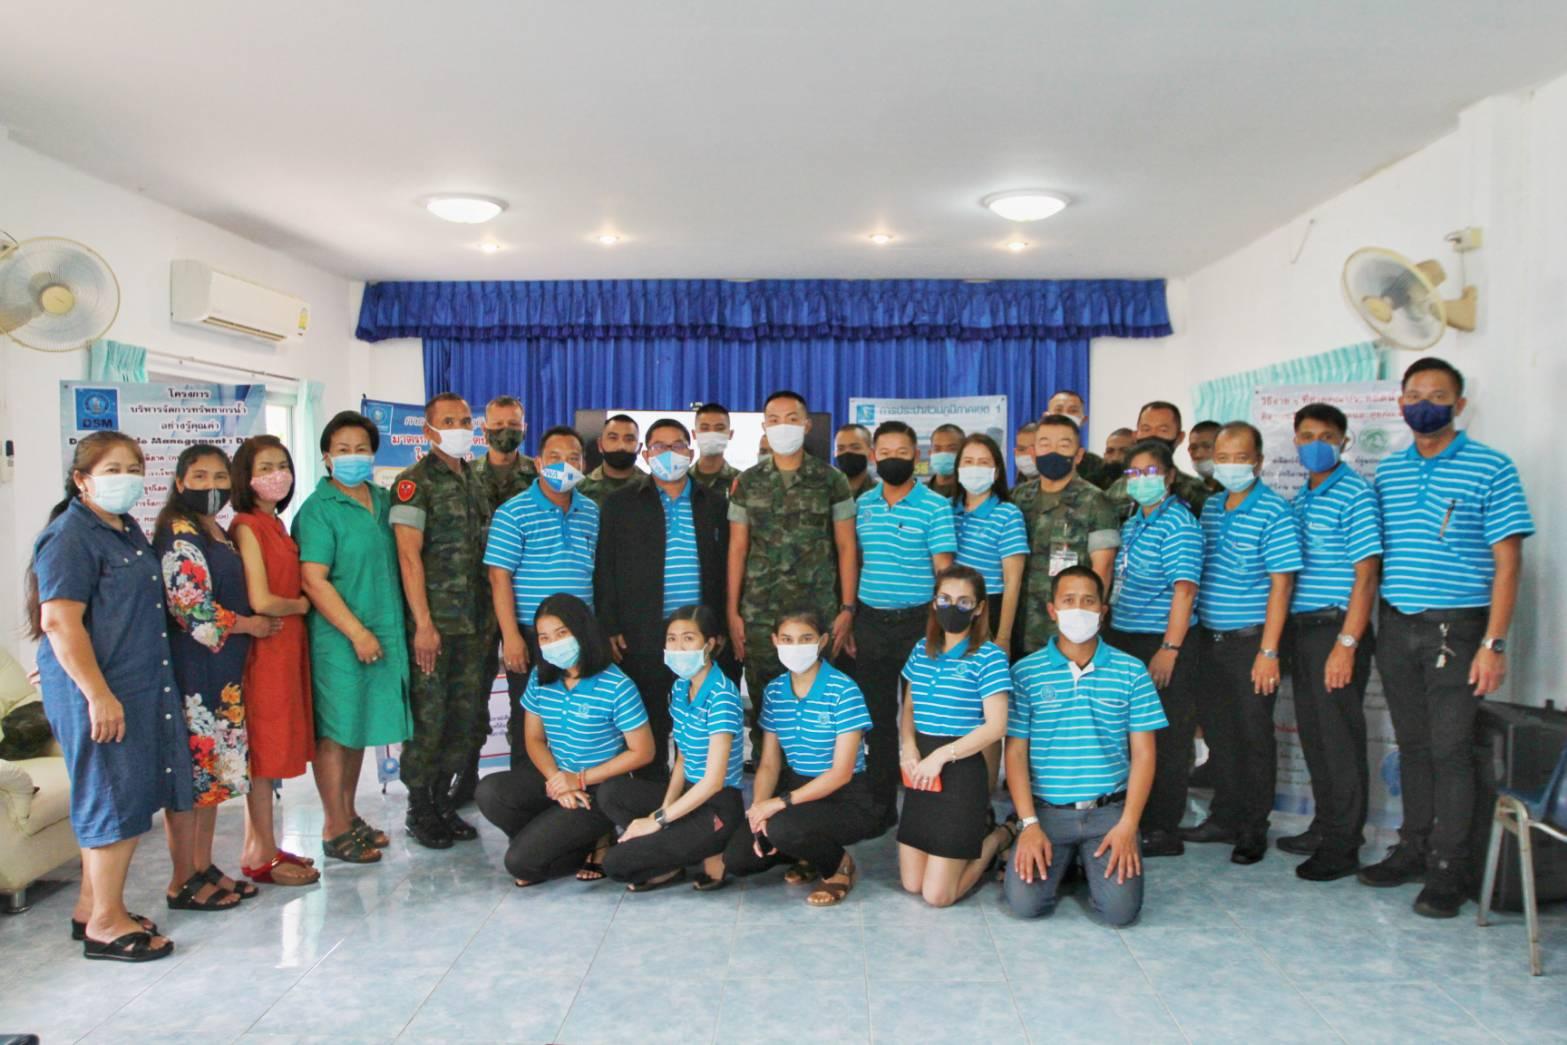 กปภ.เขต ๑ และ กปภ.สาขาจันทบุรี จัดกิจกรรม DSM ณ ค่ายตากสิน